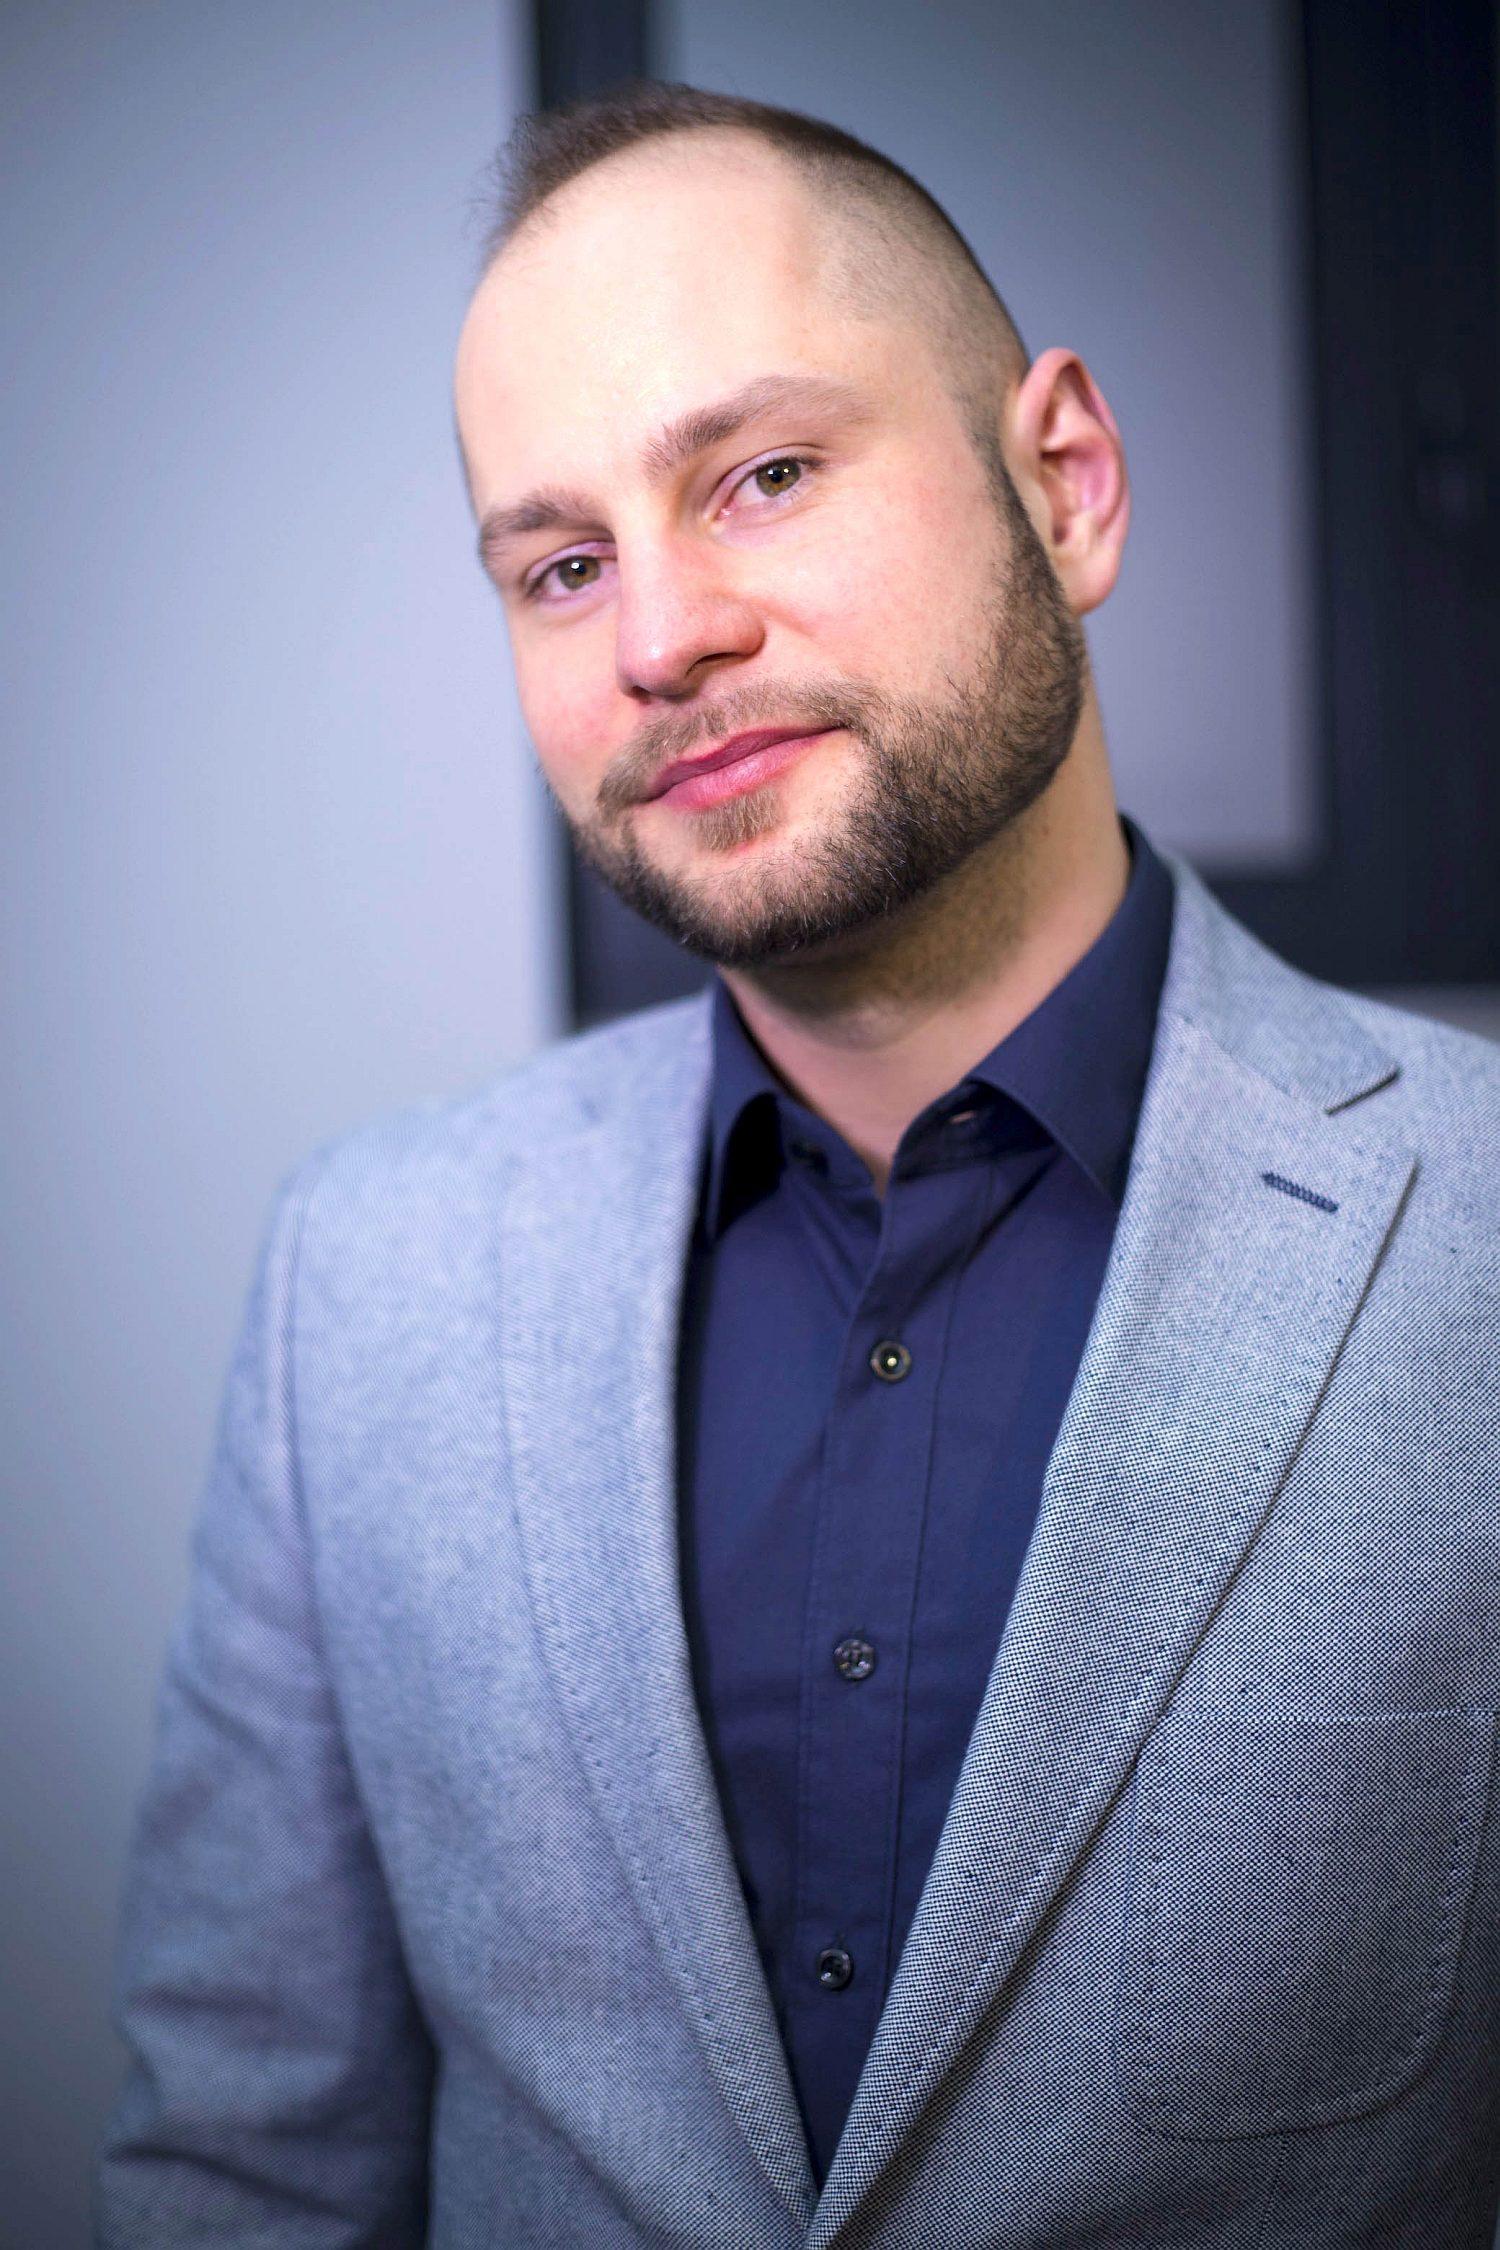 Adam Nowicki